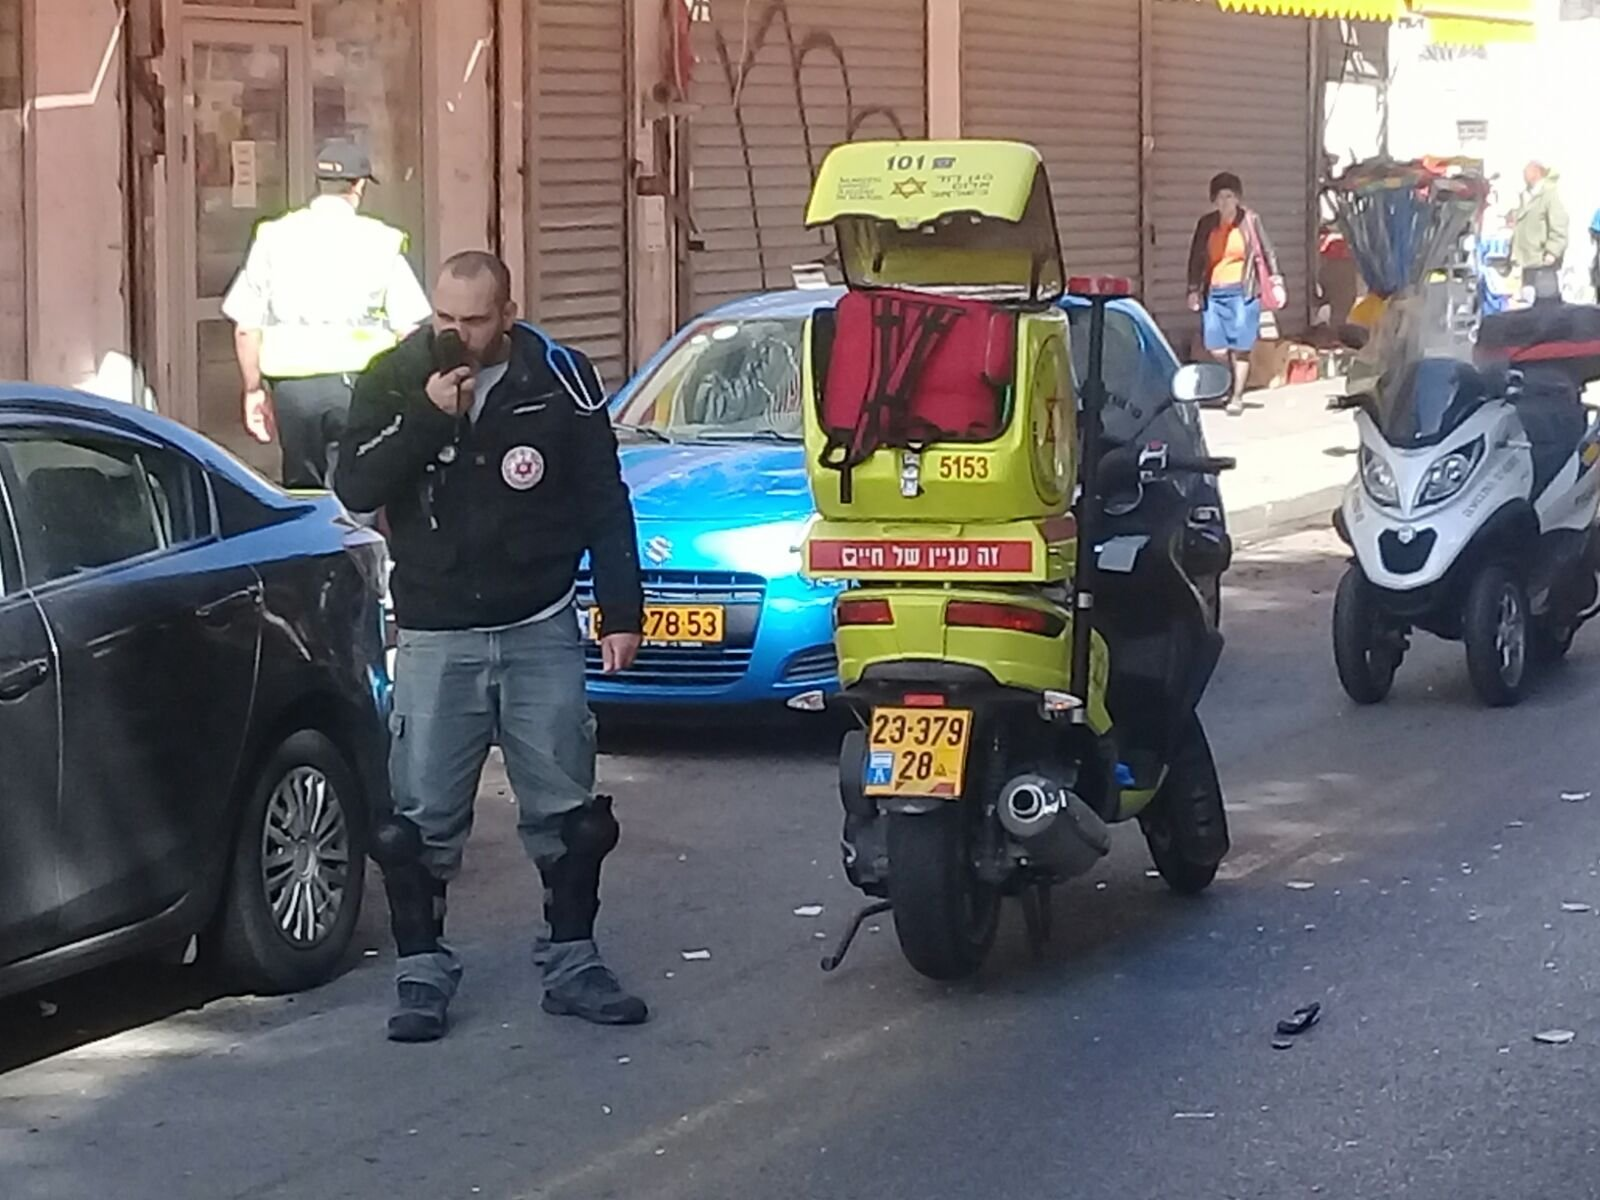 حادث طرق ضرب وهرب في يافا وإصابة خطيرة لسيدة